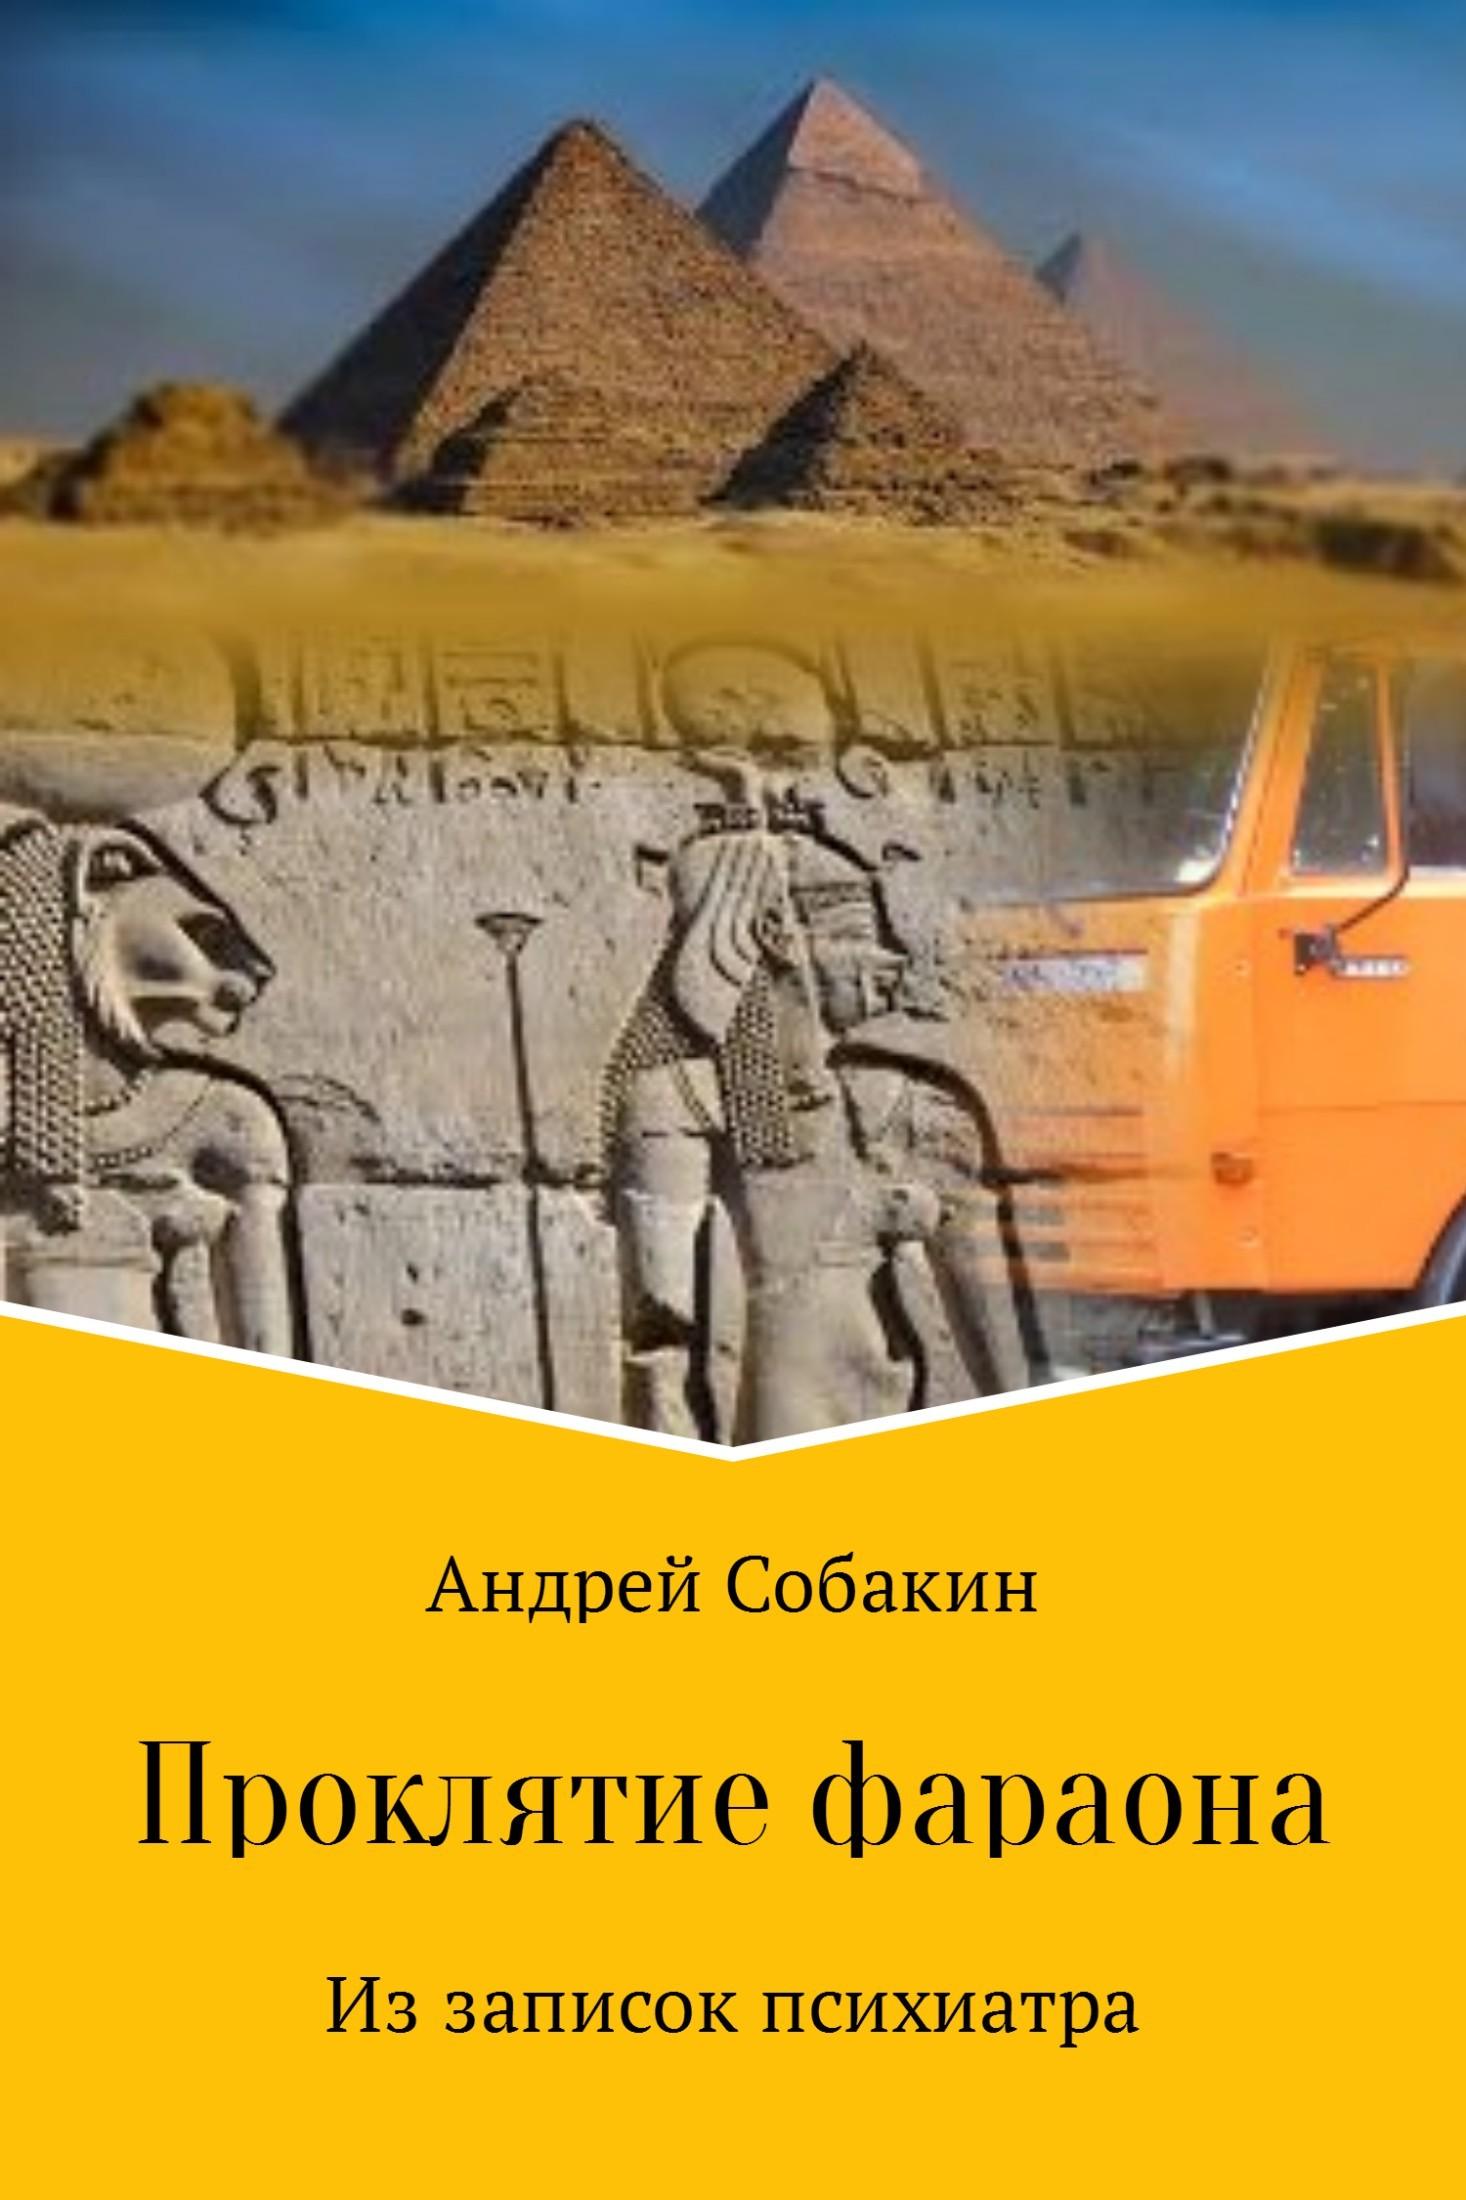 Андрей Собакин Проклятие фараона. Из записок психиатра костюм фараона